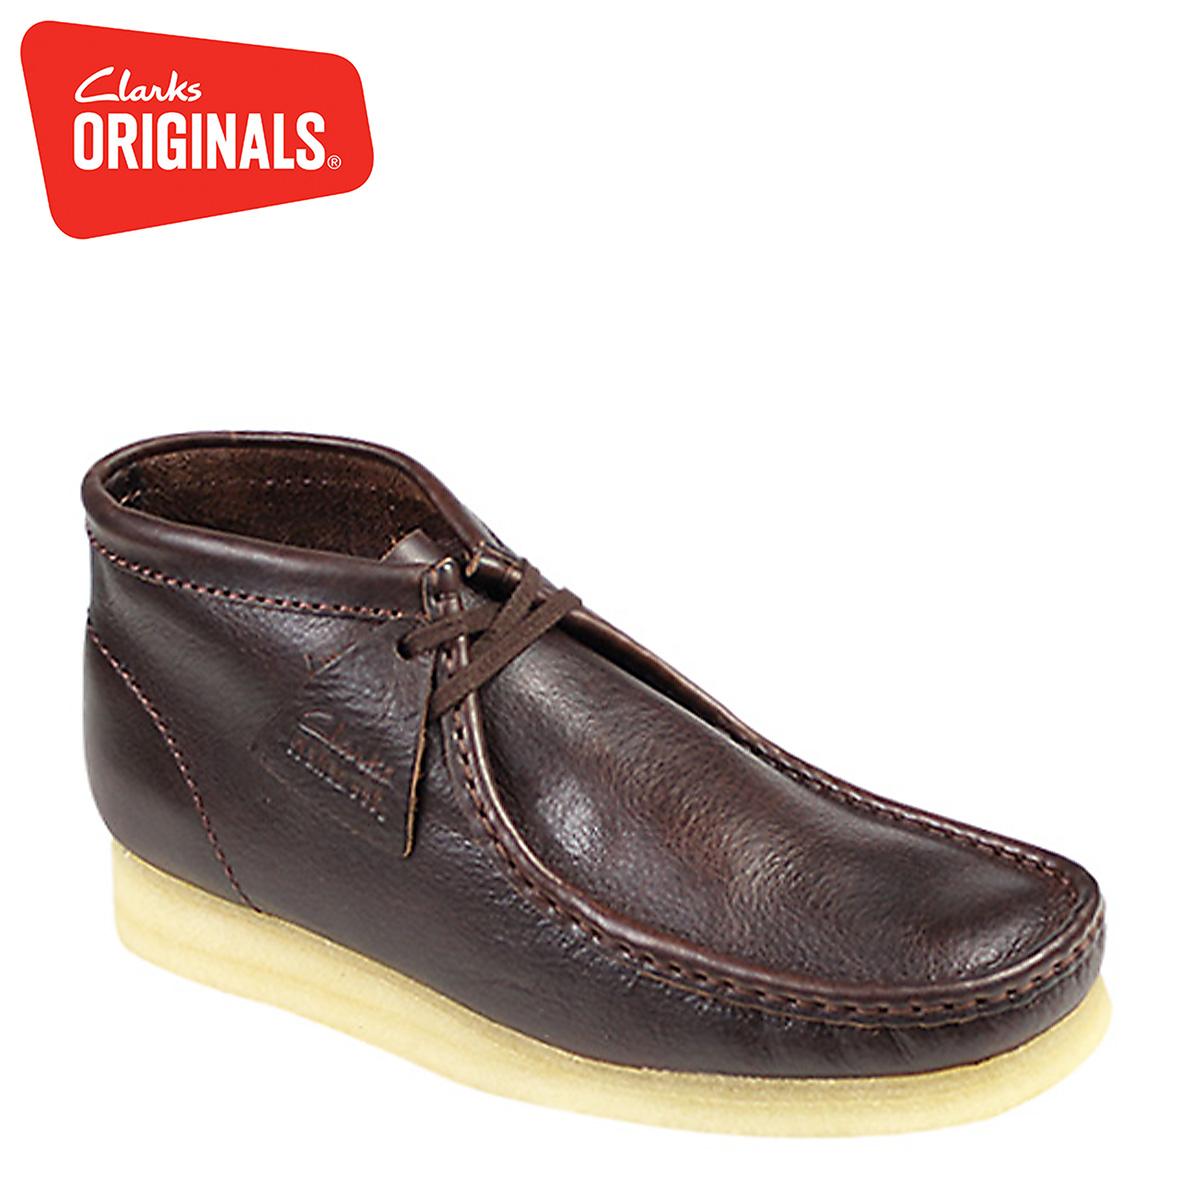 Clarks ORIGINALS クラークス オリジナルズ ワラビー ブーツ WALLABEE BOOT Mワイズ 26103668 メンズ